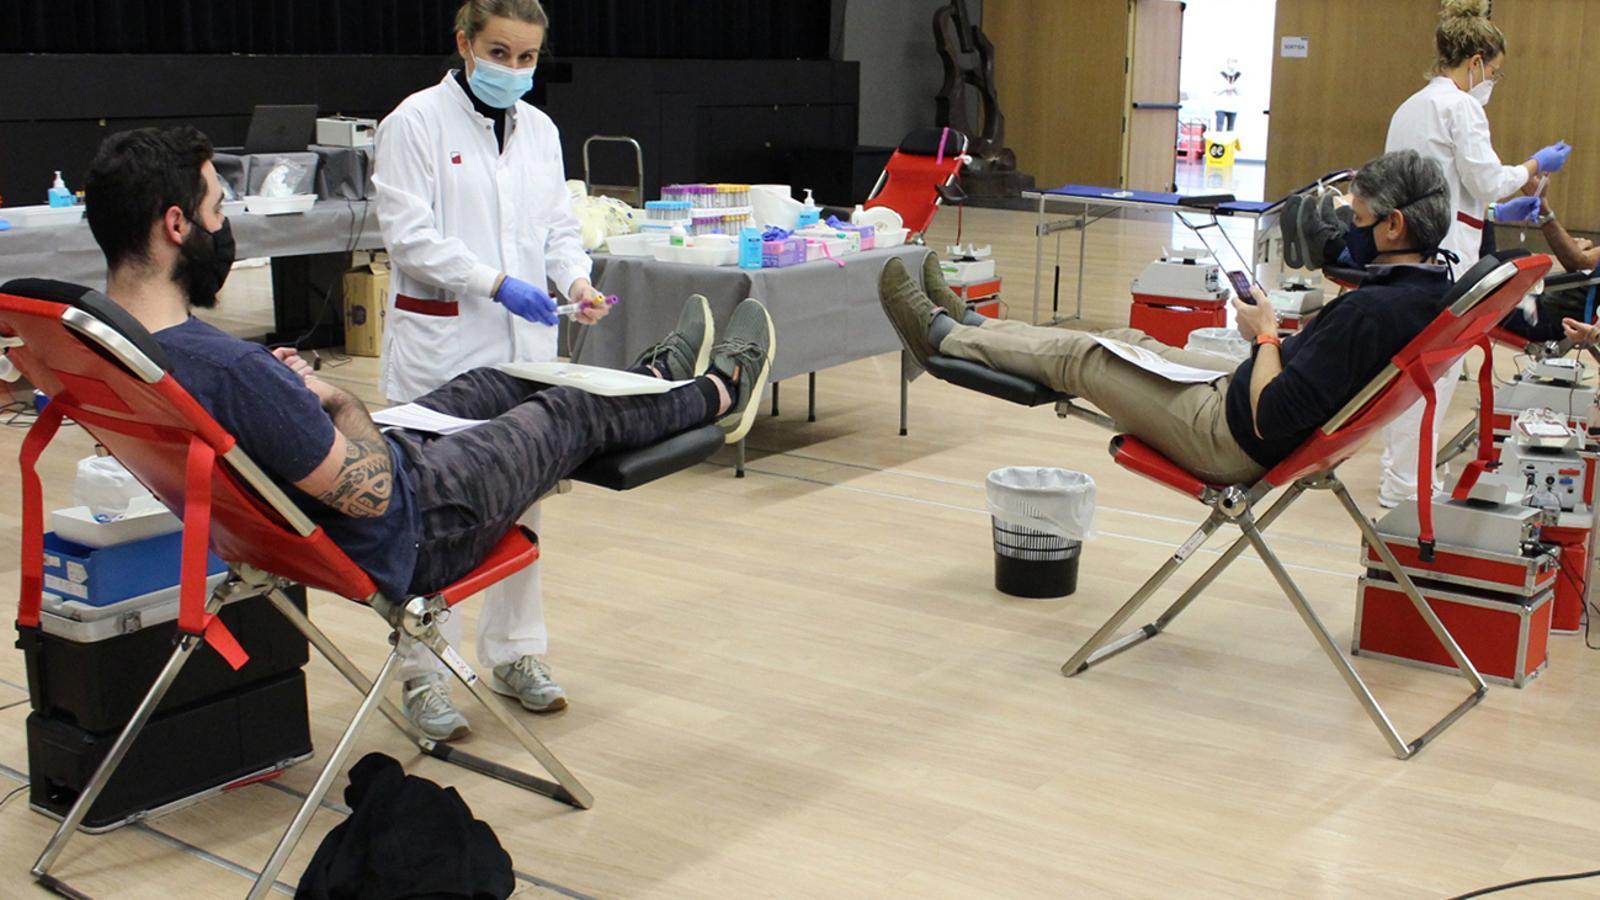 Les donacions de sang d'aquesta setmana. / Creu Roja